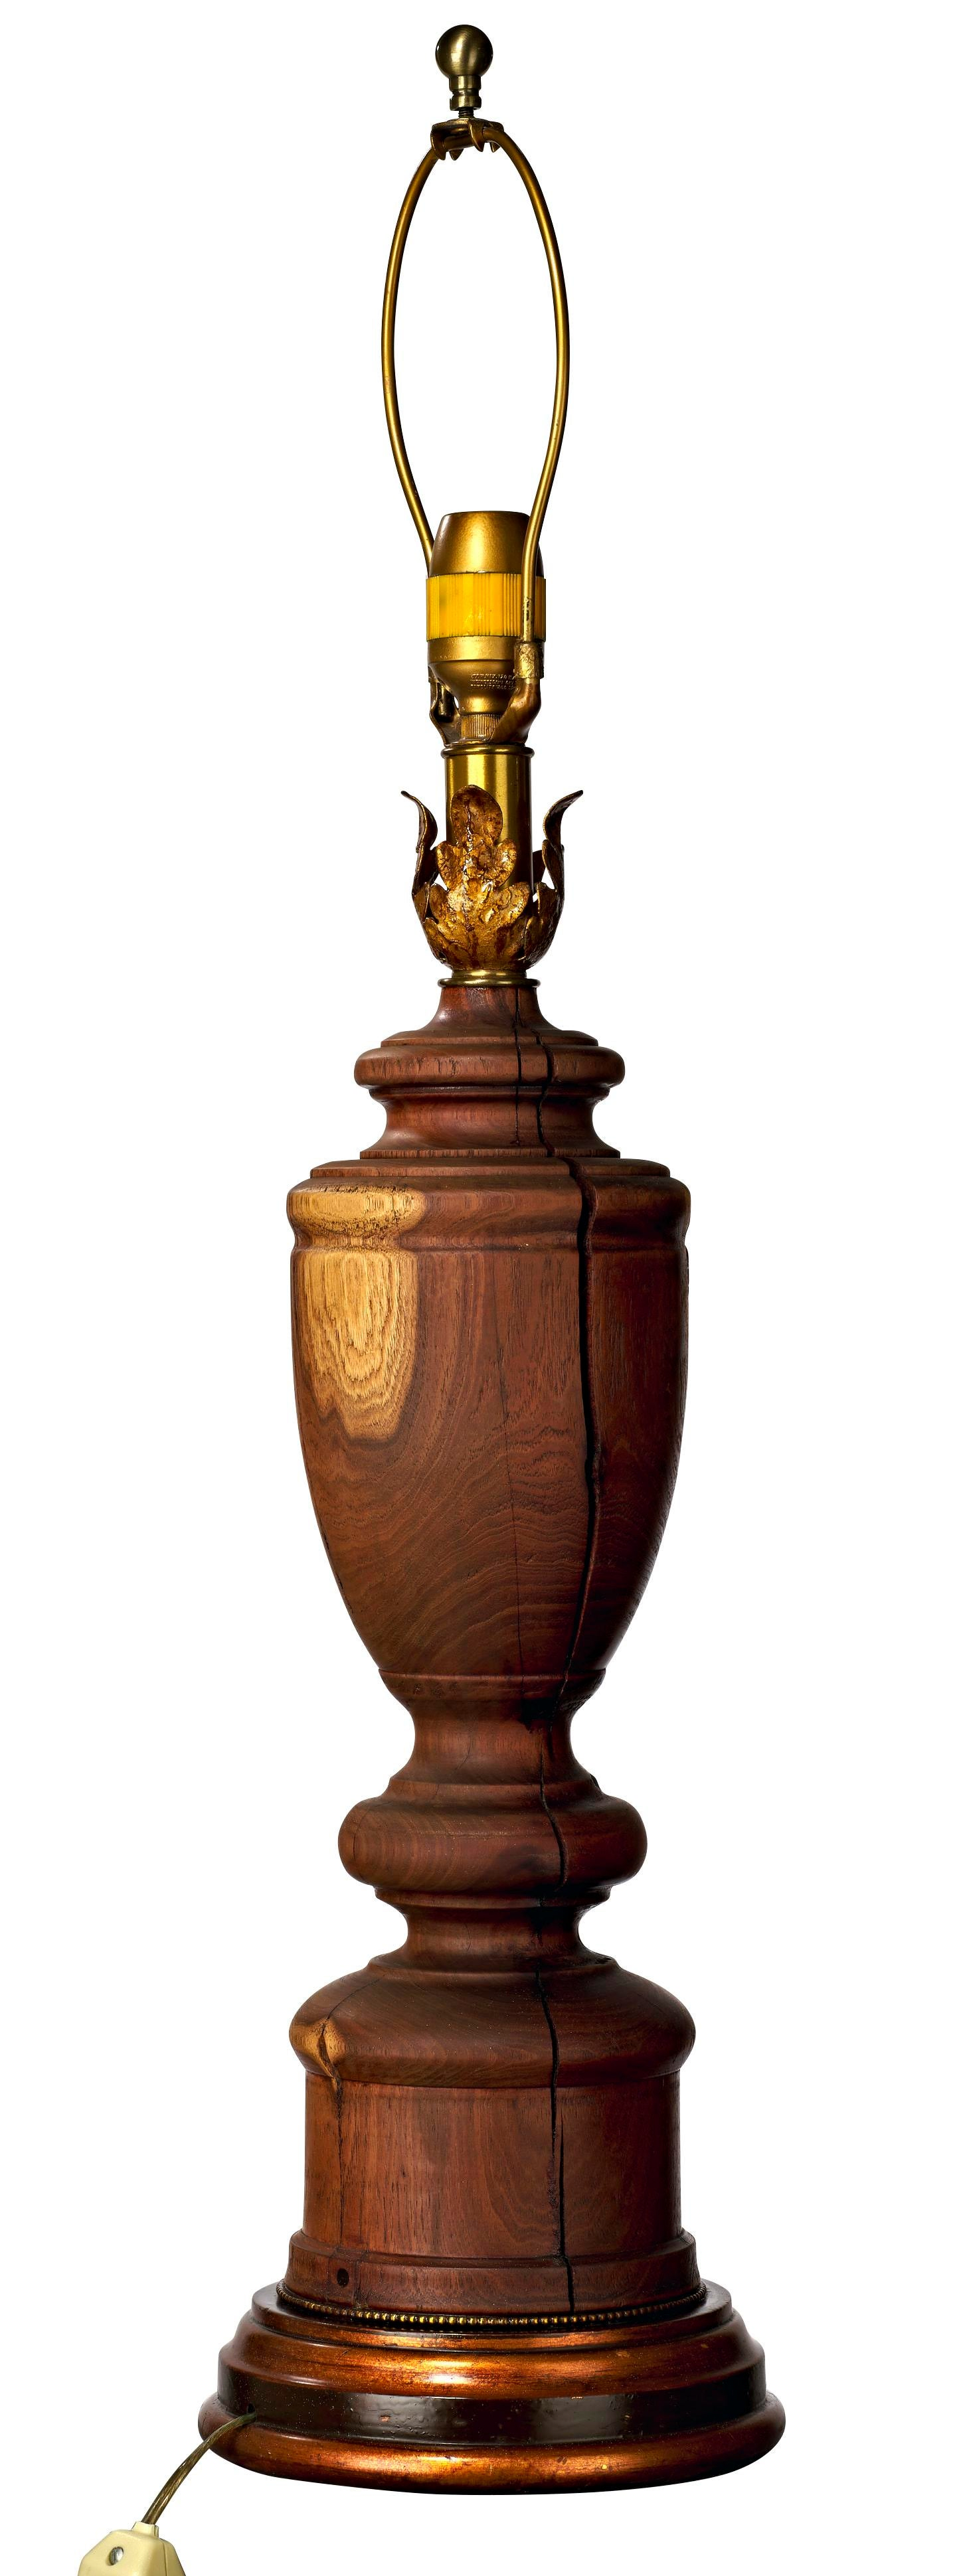 1970s Vintage Custom Turned Cherry Wood Post Table Lamp Chairish